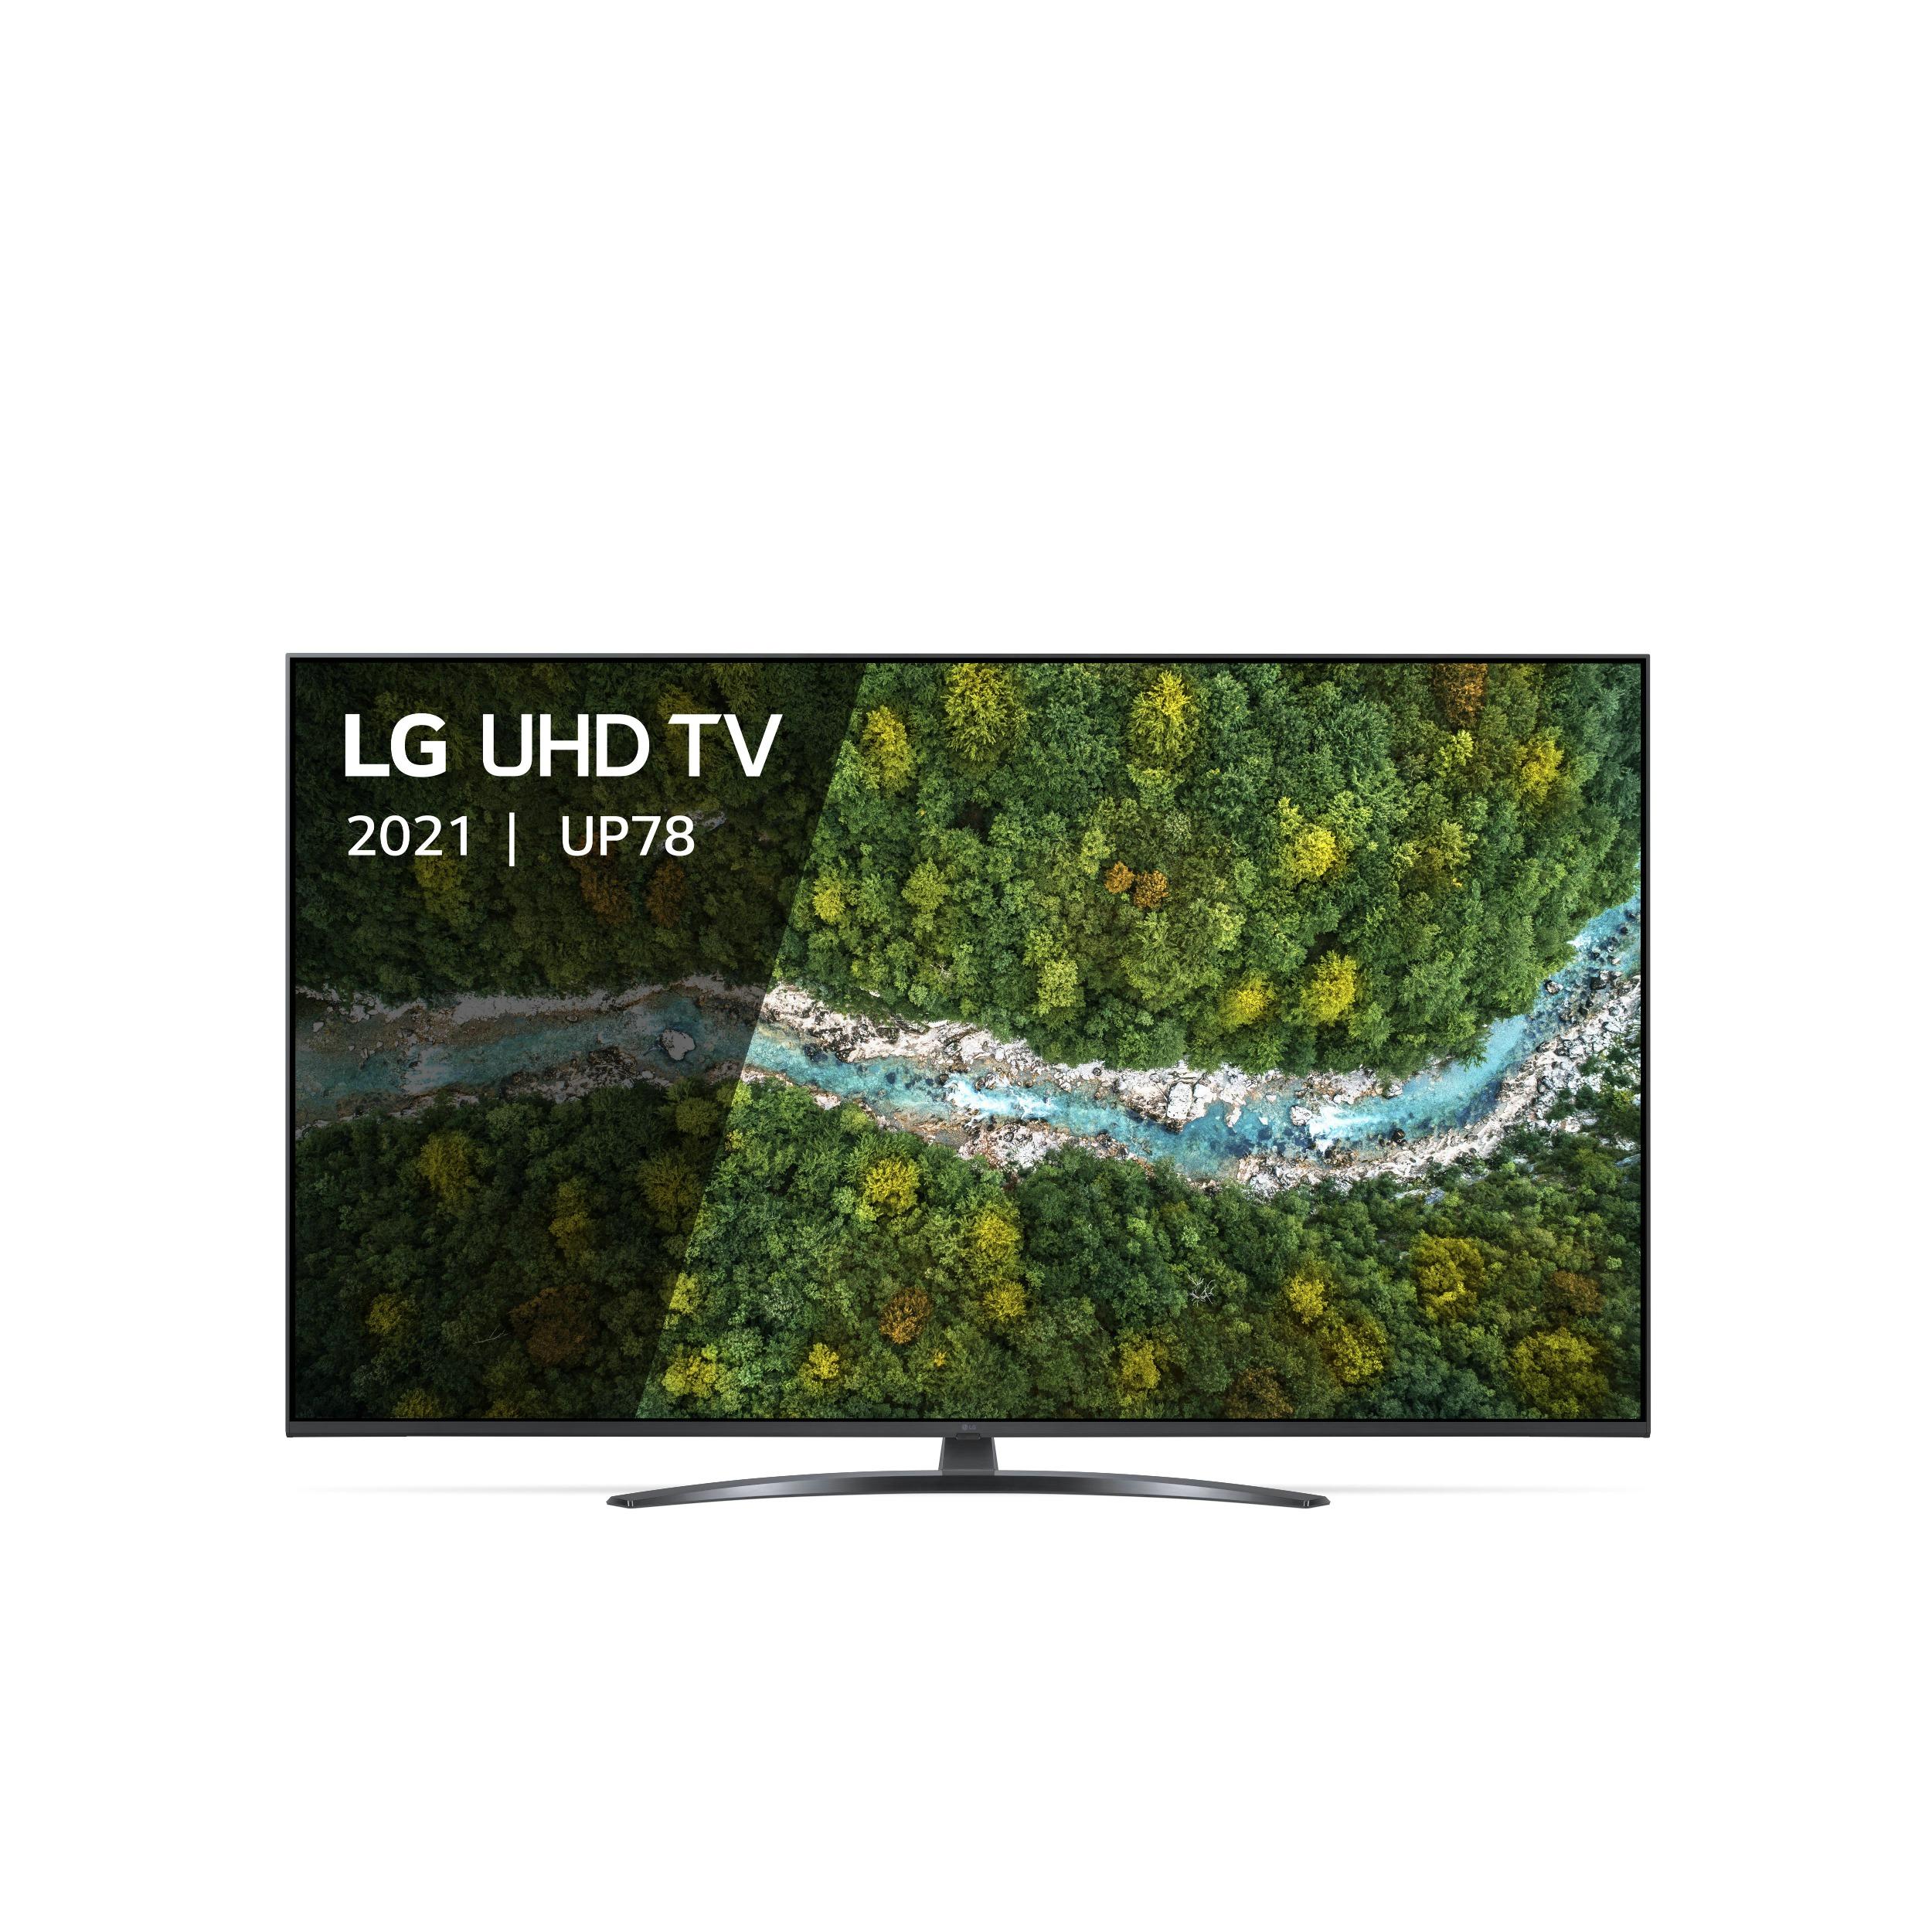 Op WoonWinkelCentrum: Alles voor de inrichting van uw woning is alles over televisie te vinden: waaronder expert en specifiek LG 65UP78006LB - 65 inch UHD TV